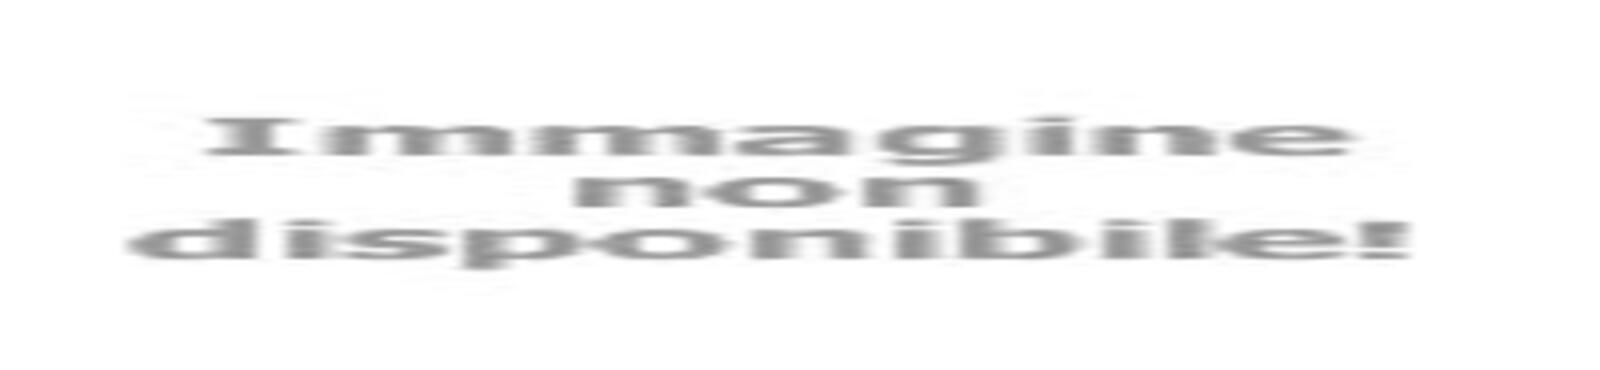 petronianaviaggi it trekking-il-viaggio-di-dante-dalla-toscana-alla-romagna-san-benedetto-in-alpe-e-la-cascata-dellacquacheta-v414 002